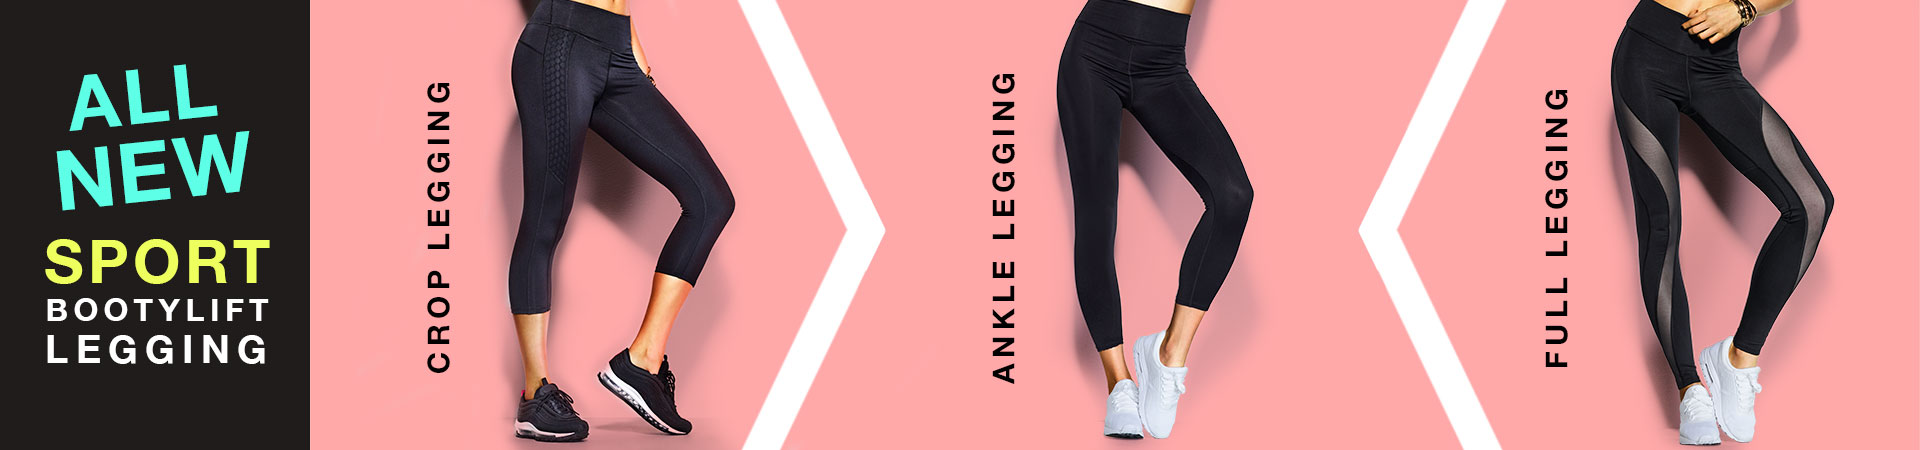 All New. Sport bootylift legging. Crop legging. Ankle legging. Full legging.